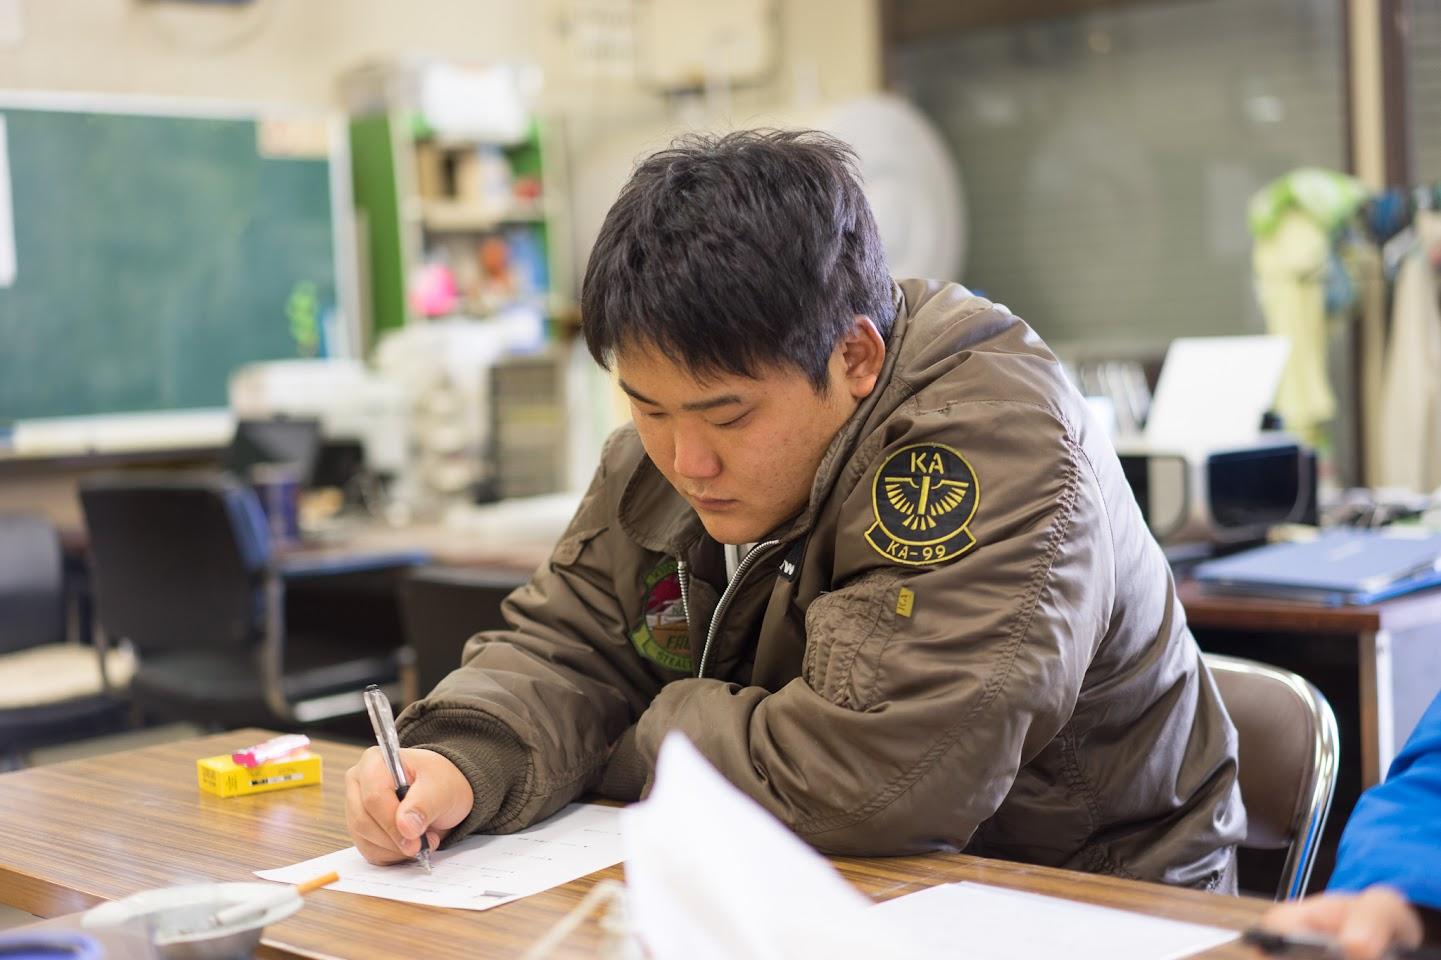 中山幸太郎さん(21歳)